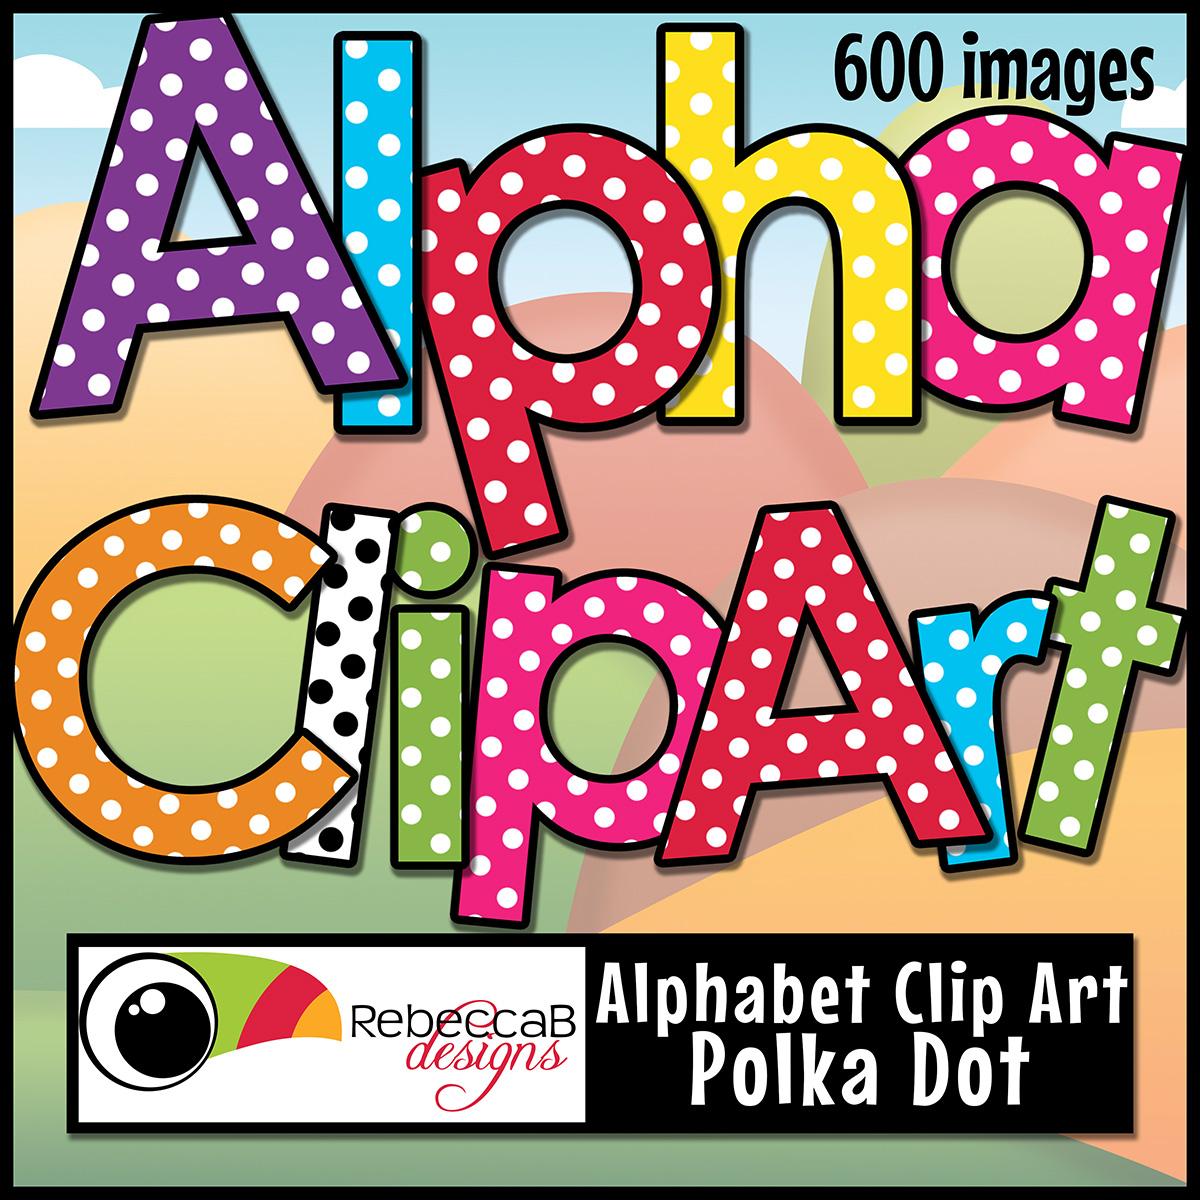 Polkadot letter s clipart clipart black and white stock Alphabet Letters Clip Art - Polka Dot clipart black and white stock